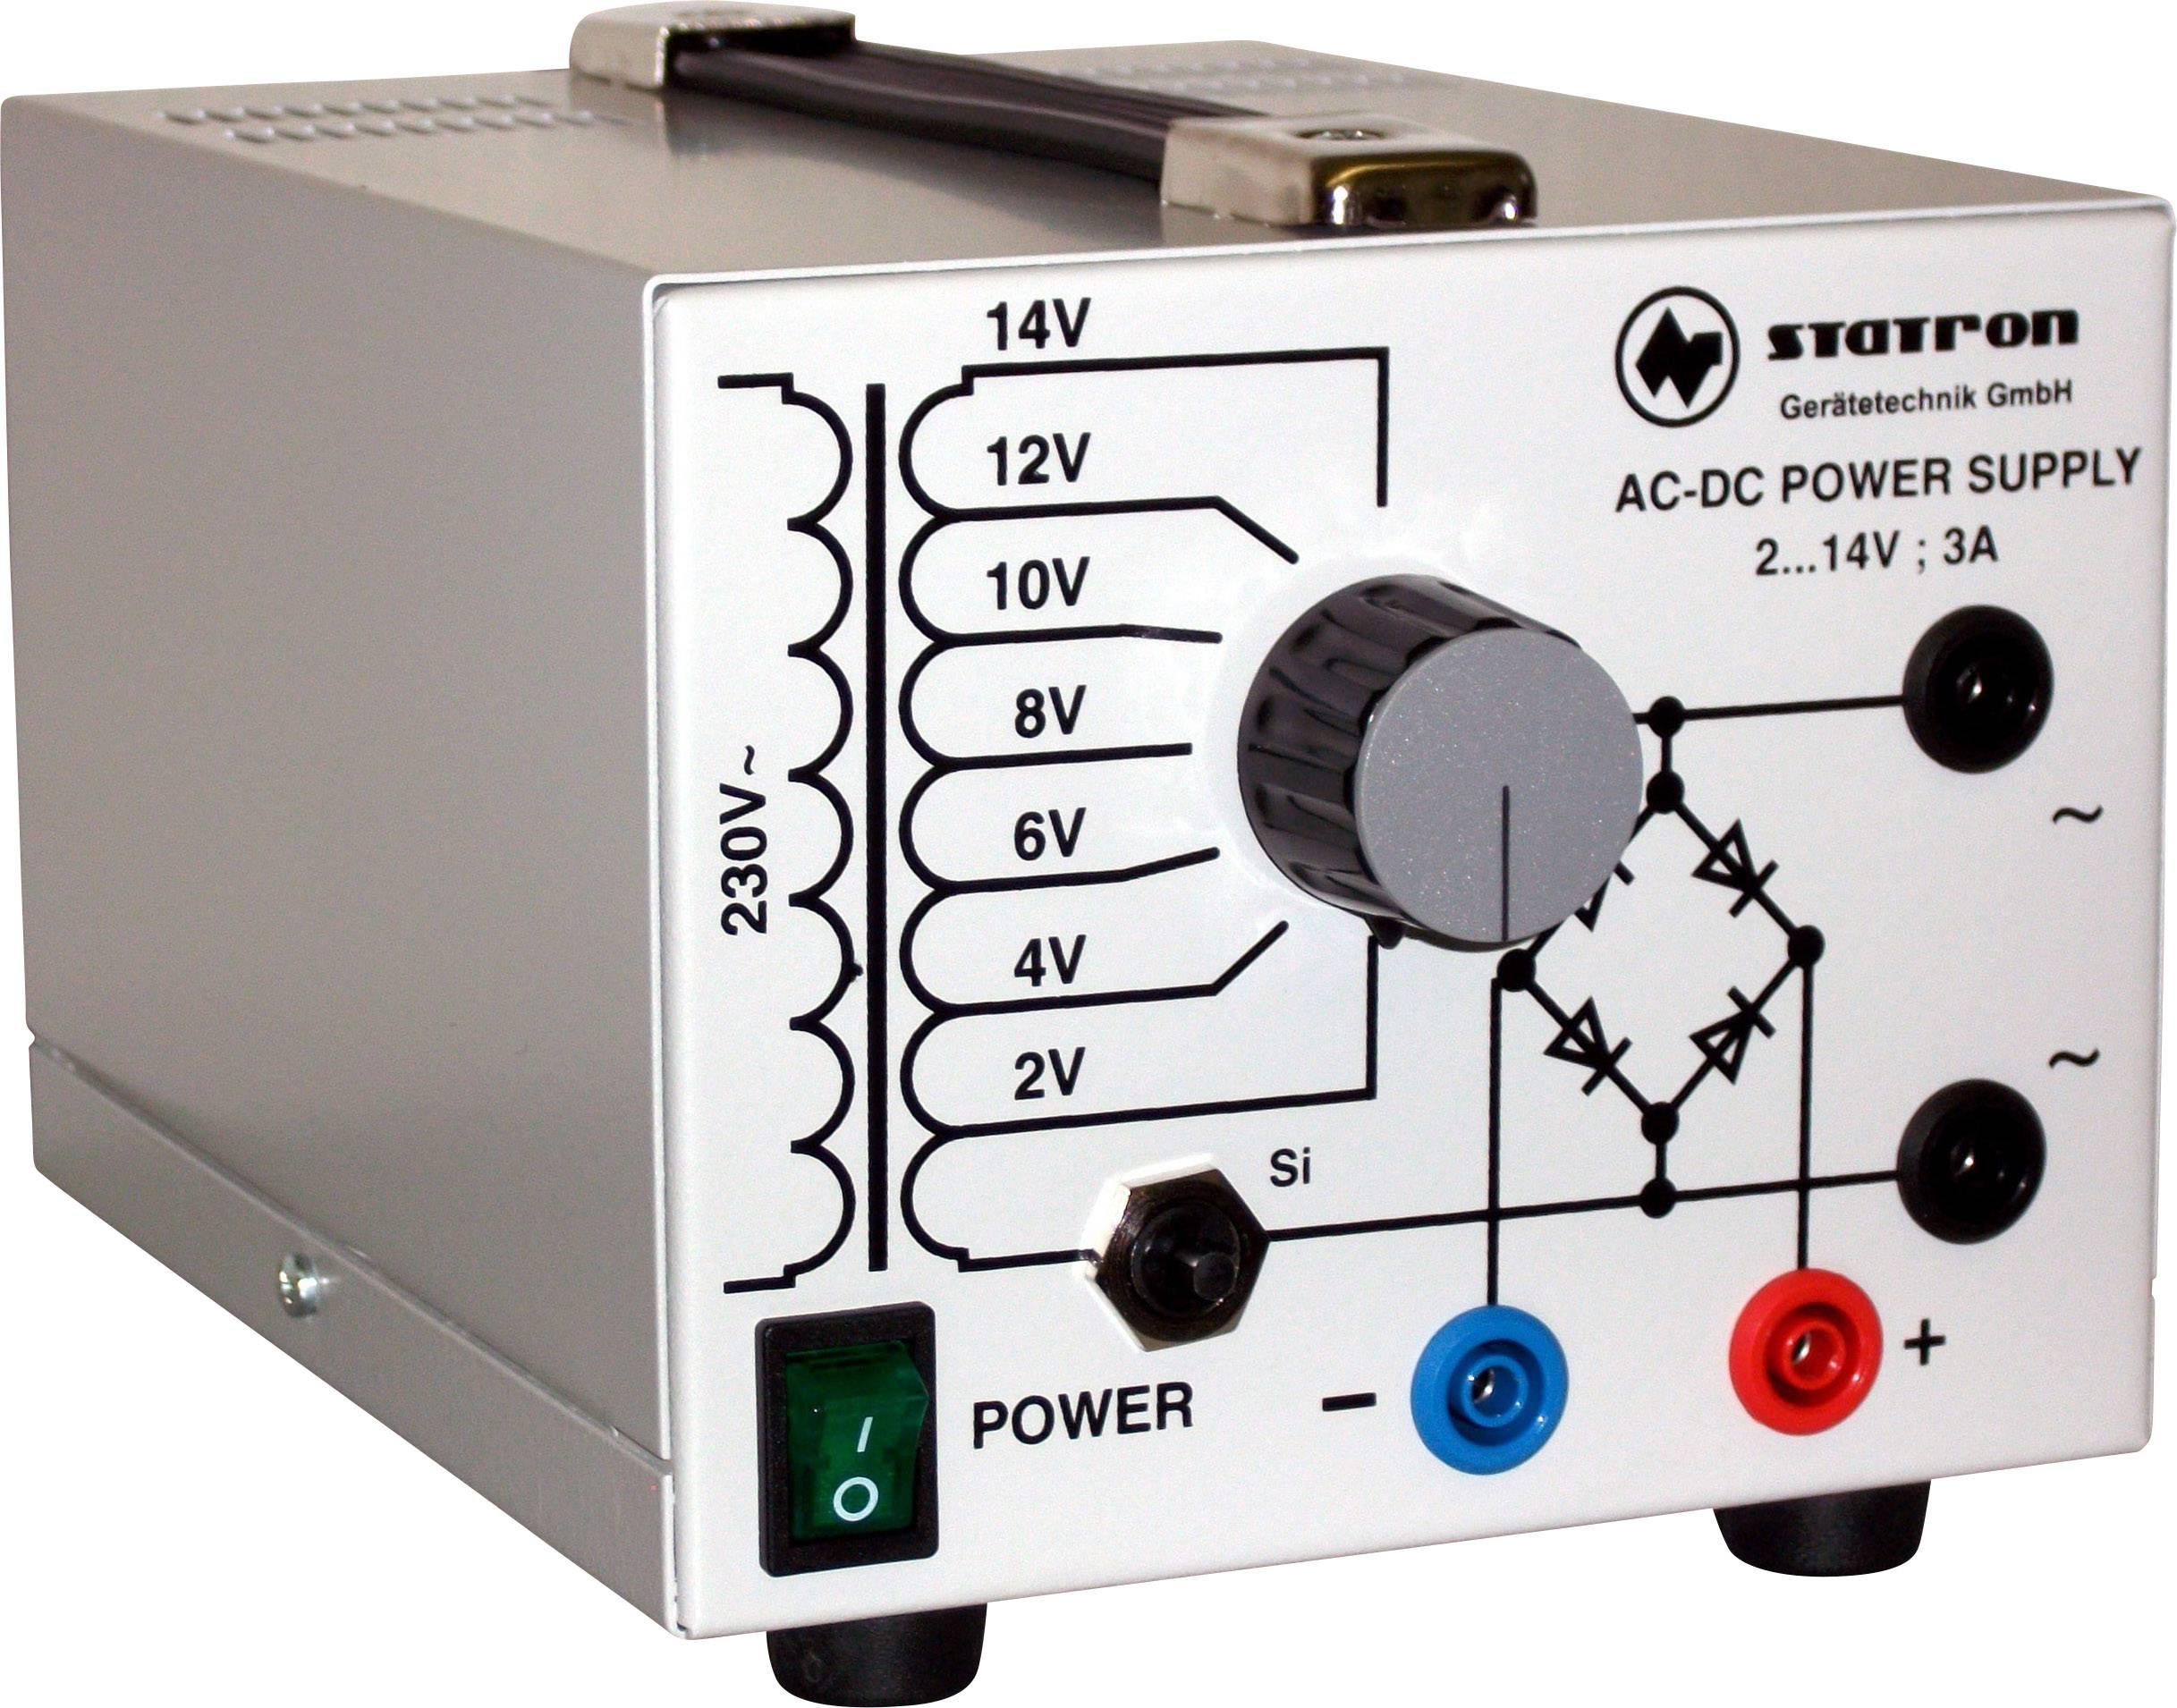 Laboratorní zdroj s nastavitelným napětím Statron 5359.0, 2 - 14 V, 3 A, 42 W